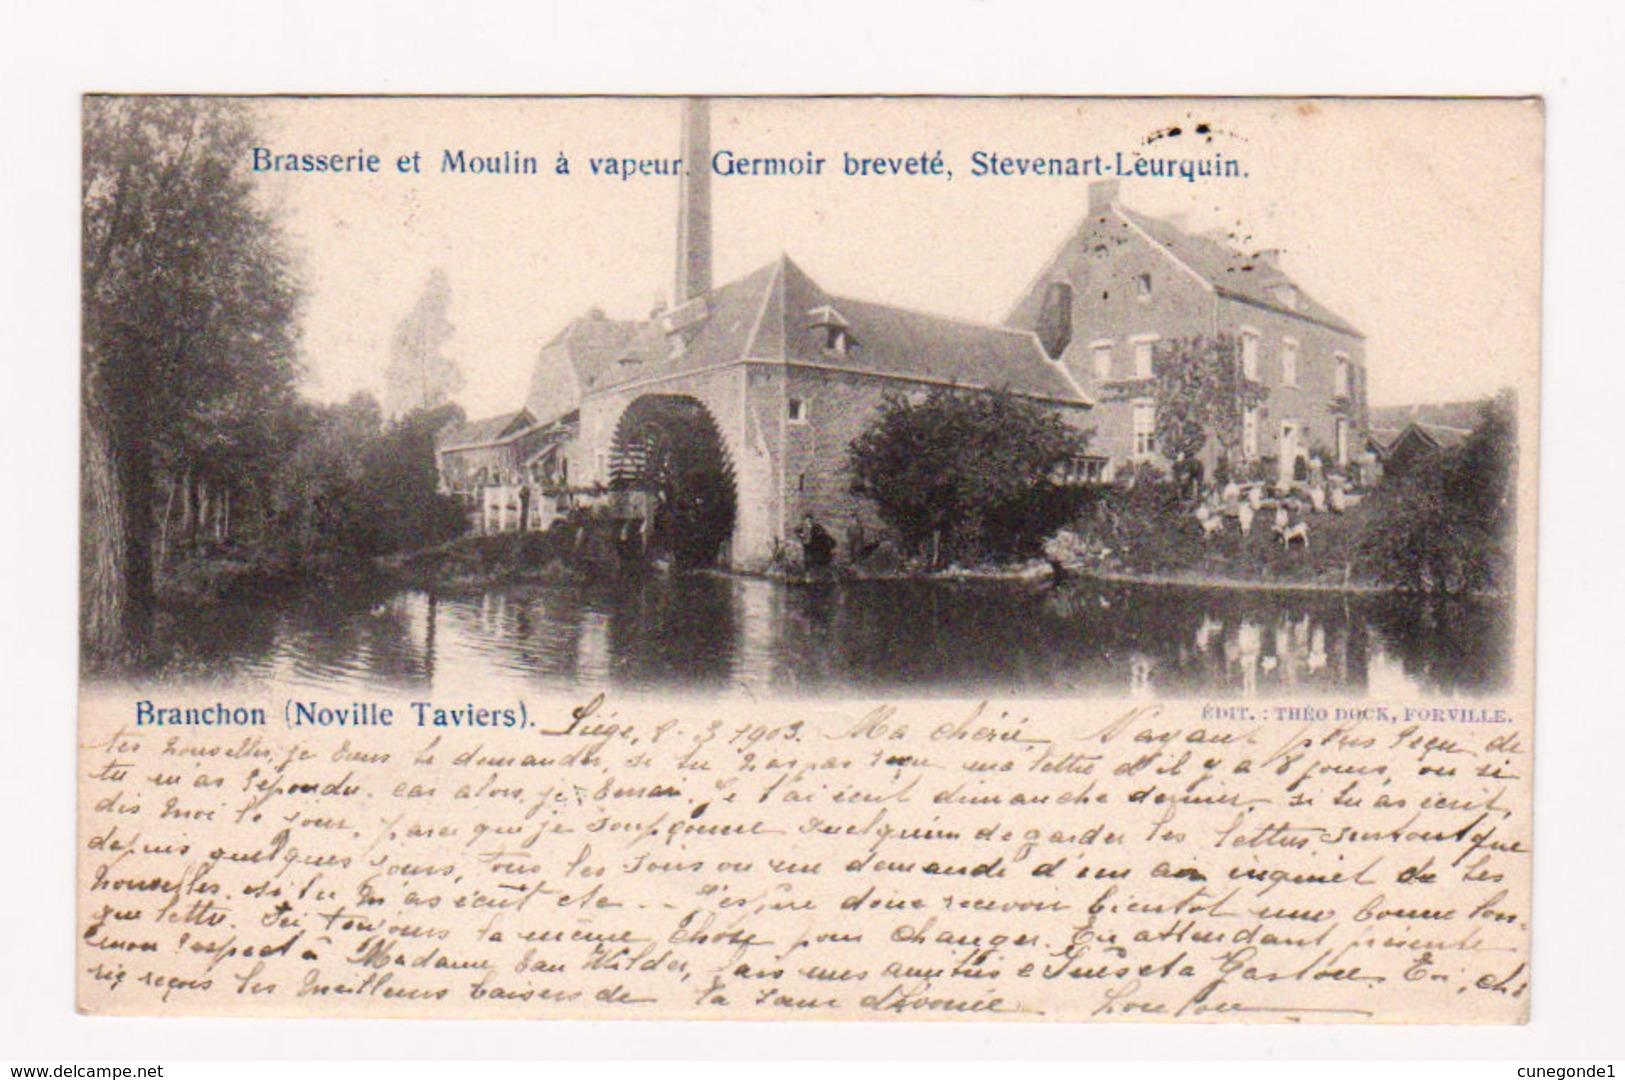 BRANCHON ( Noville Taviers ) BRASSERIE Et MOULIN à VAPEUR - Circ. En 1903 - Ed. Théo Dock, Forville - Belgique